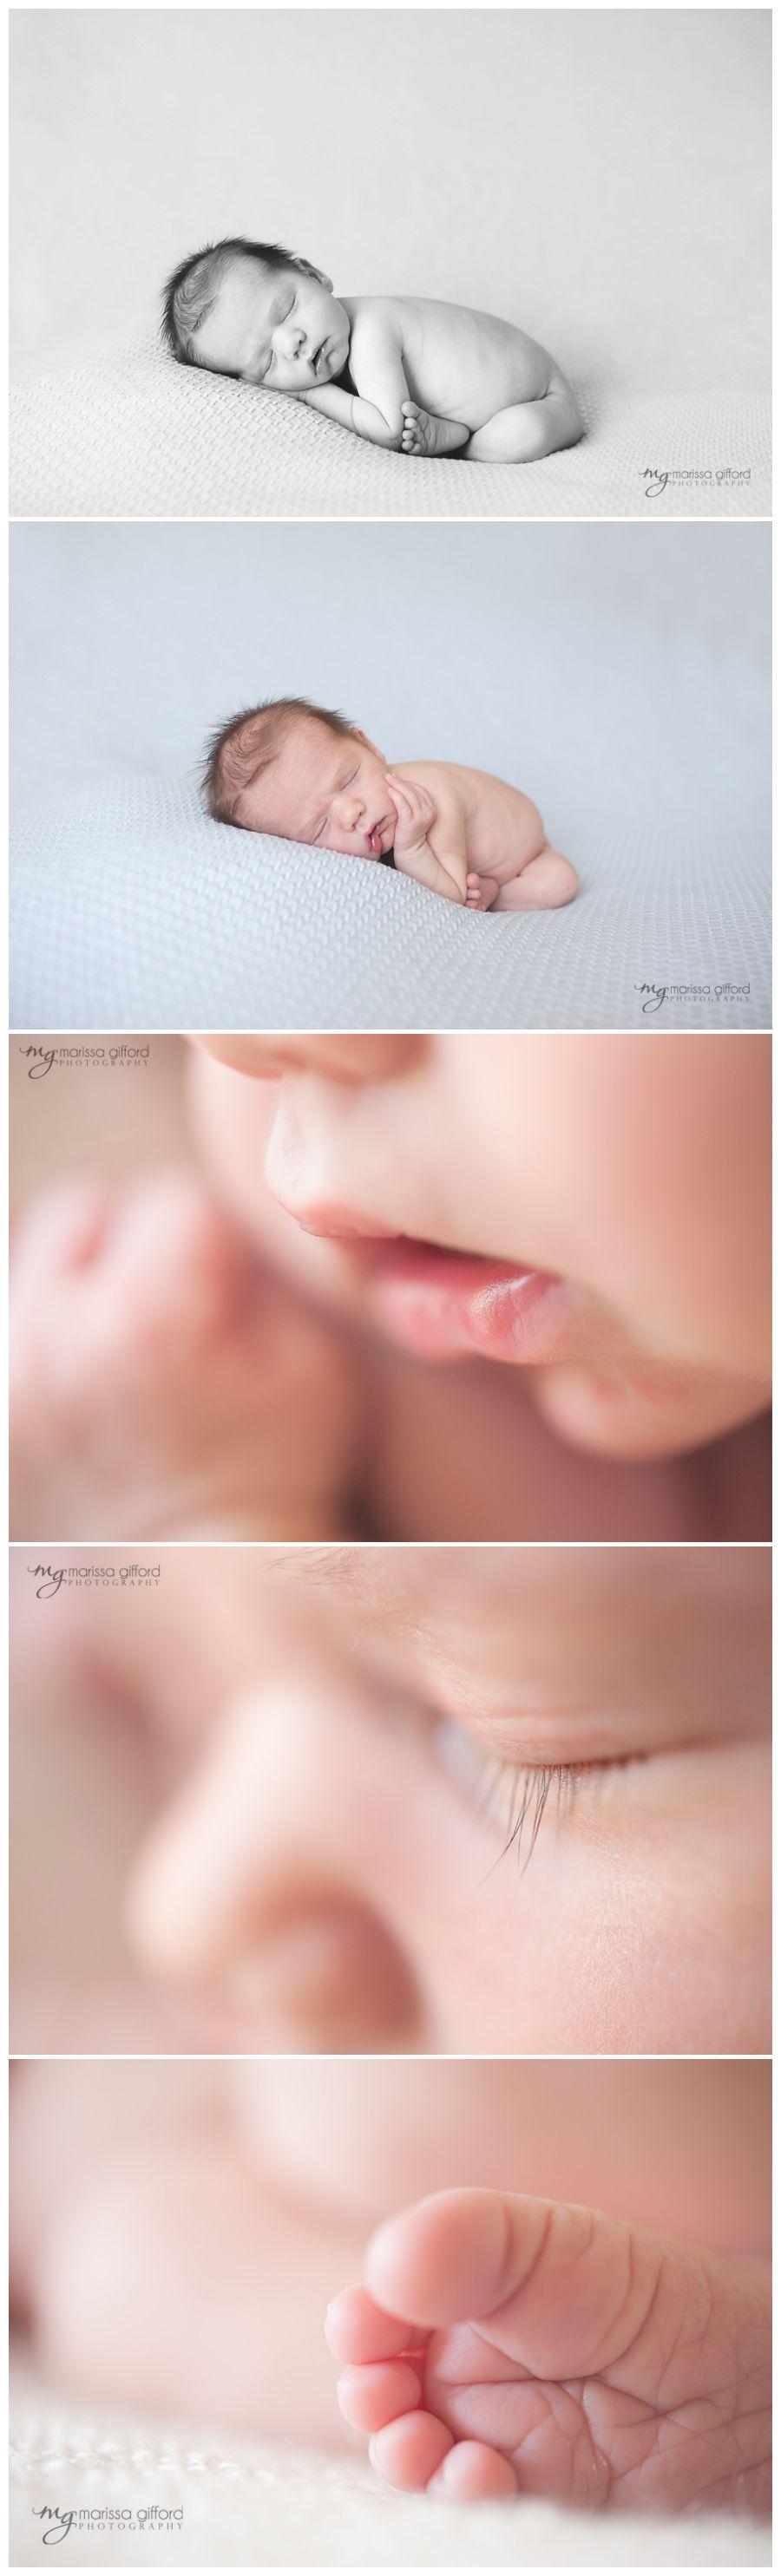 Recién nacido #salud #seguros #bebés